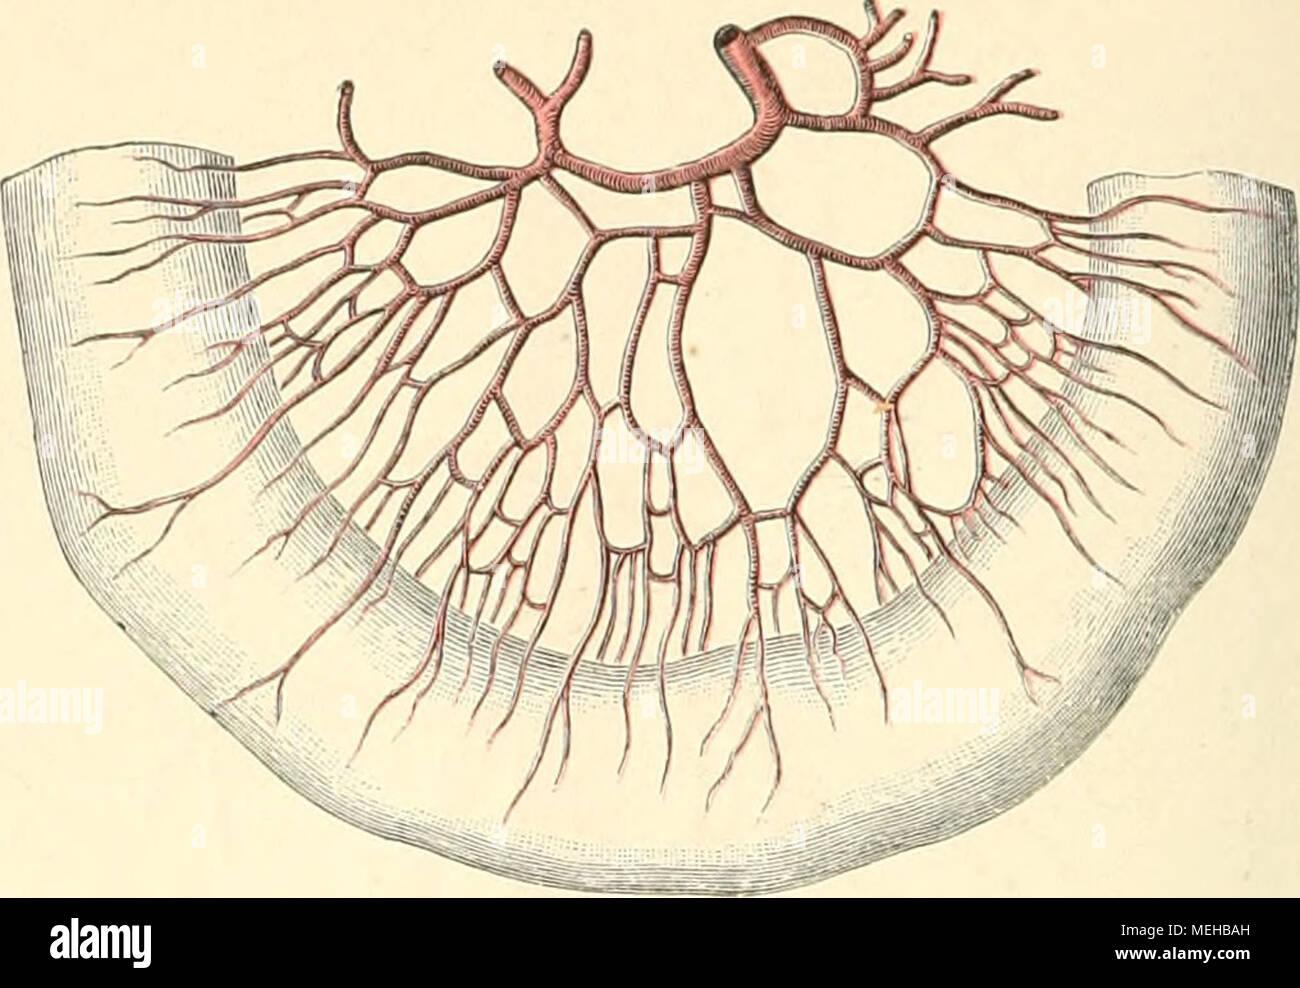 Großartig Anatomie Der Hölle Wiki Bilder - Anatomie Ideen - finotti.info